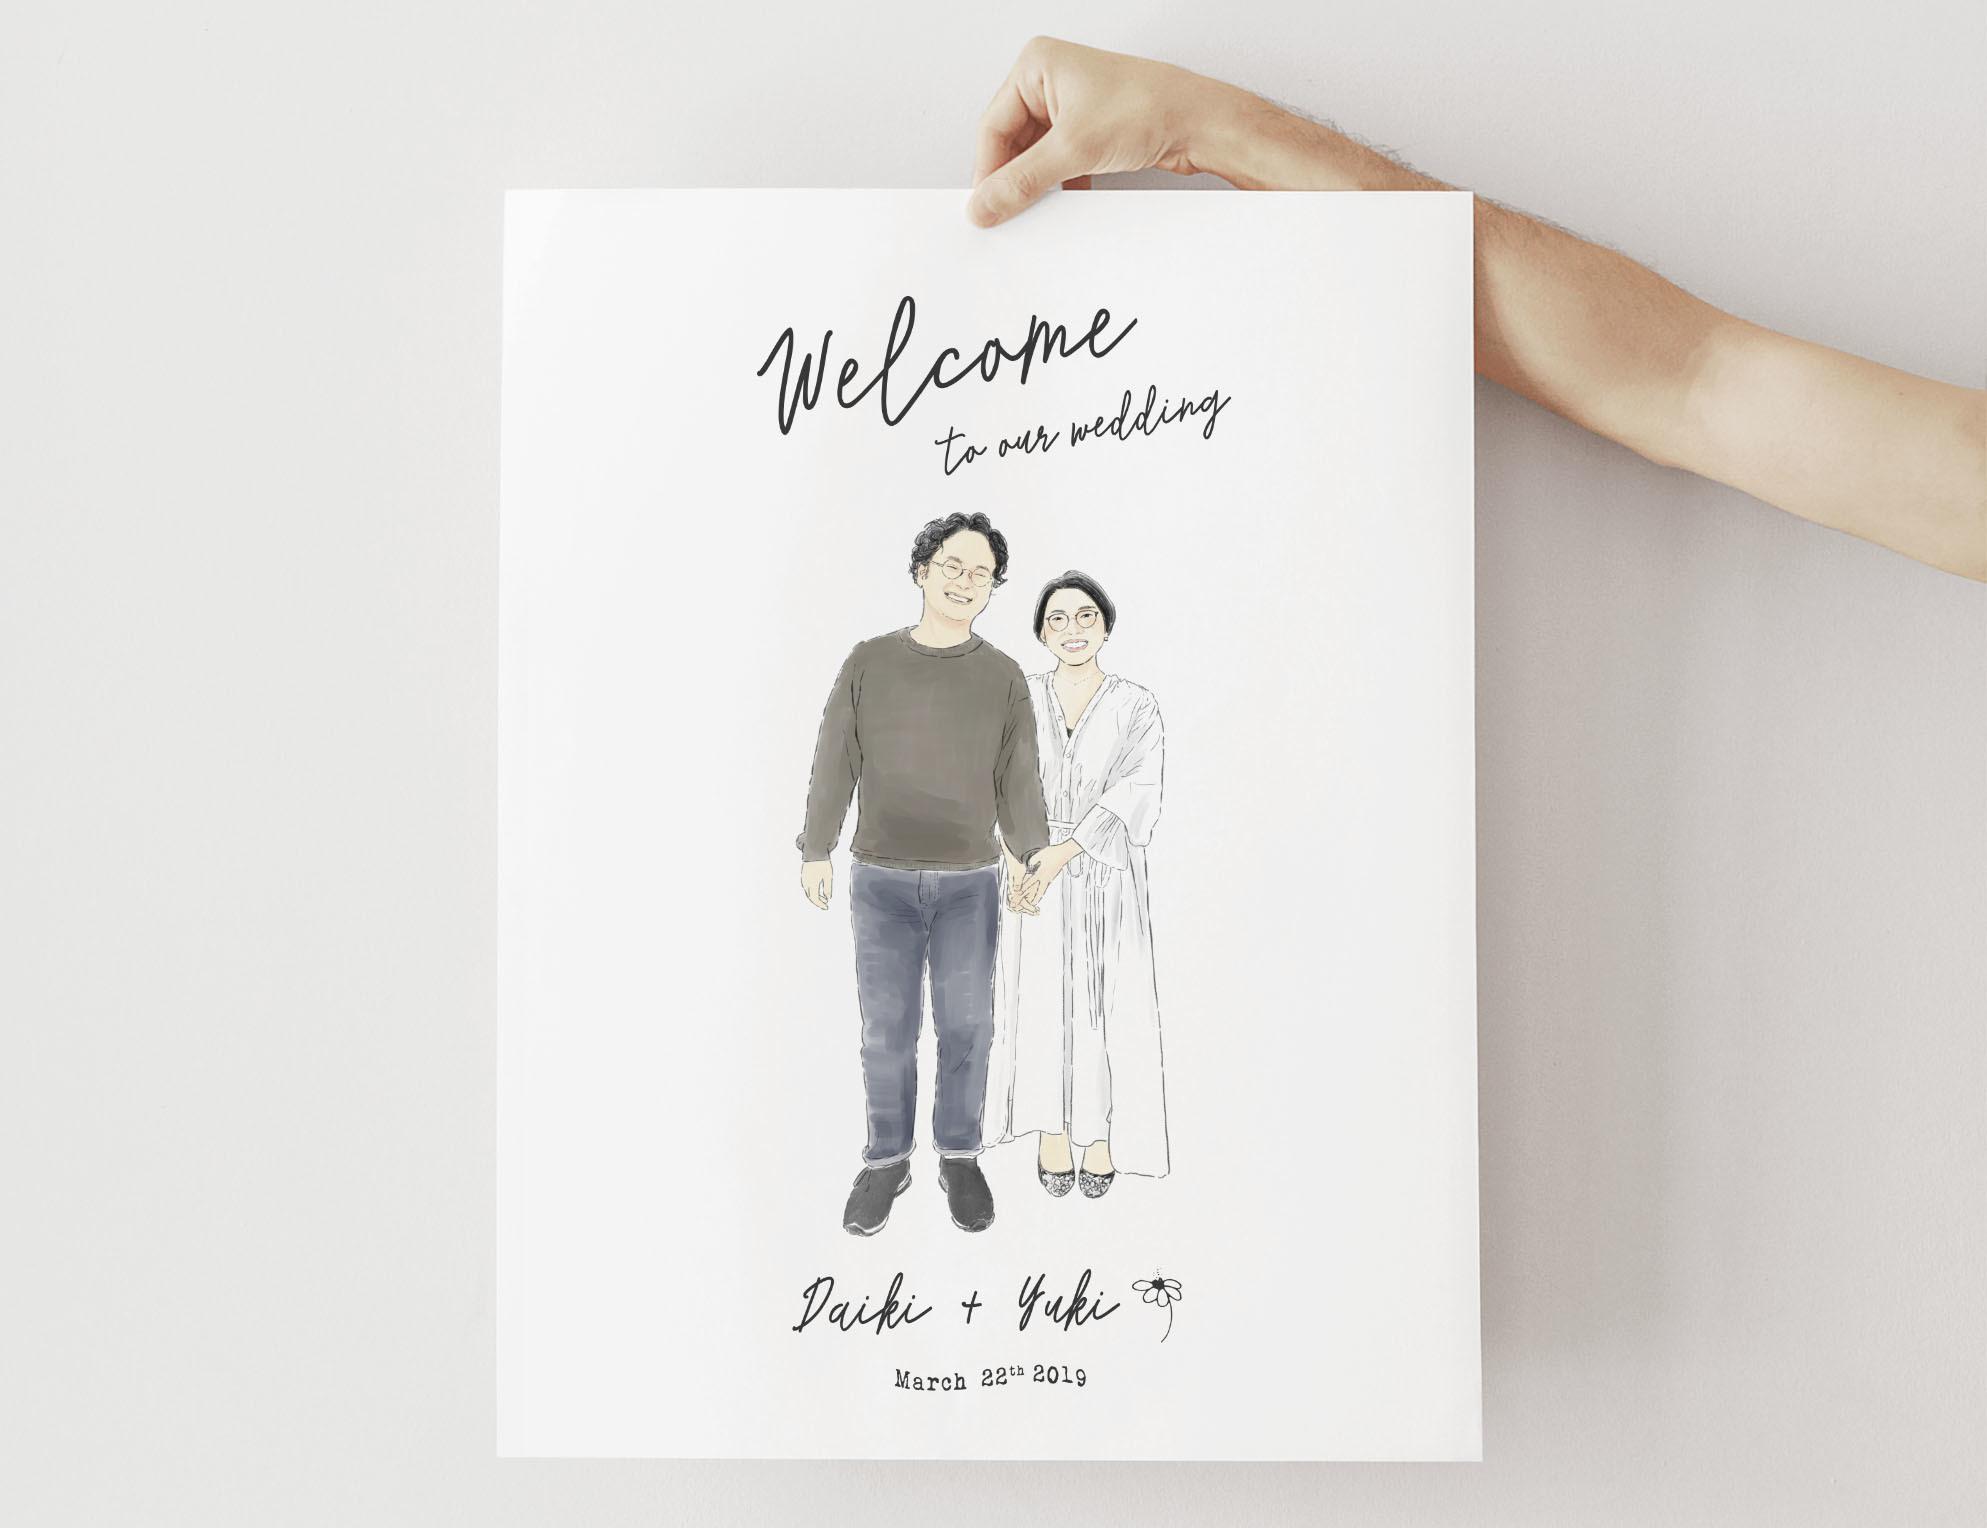 NY在住イラストレーターが描くウェルカムボード【カリグラフィー】